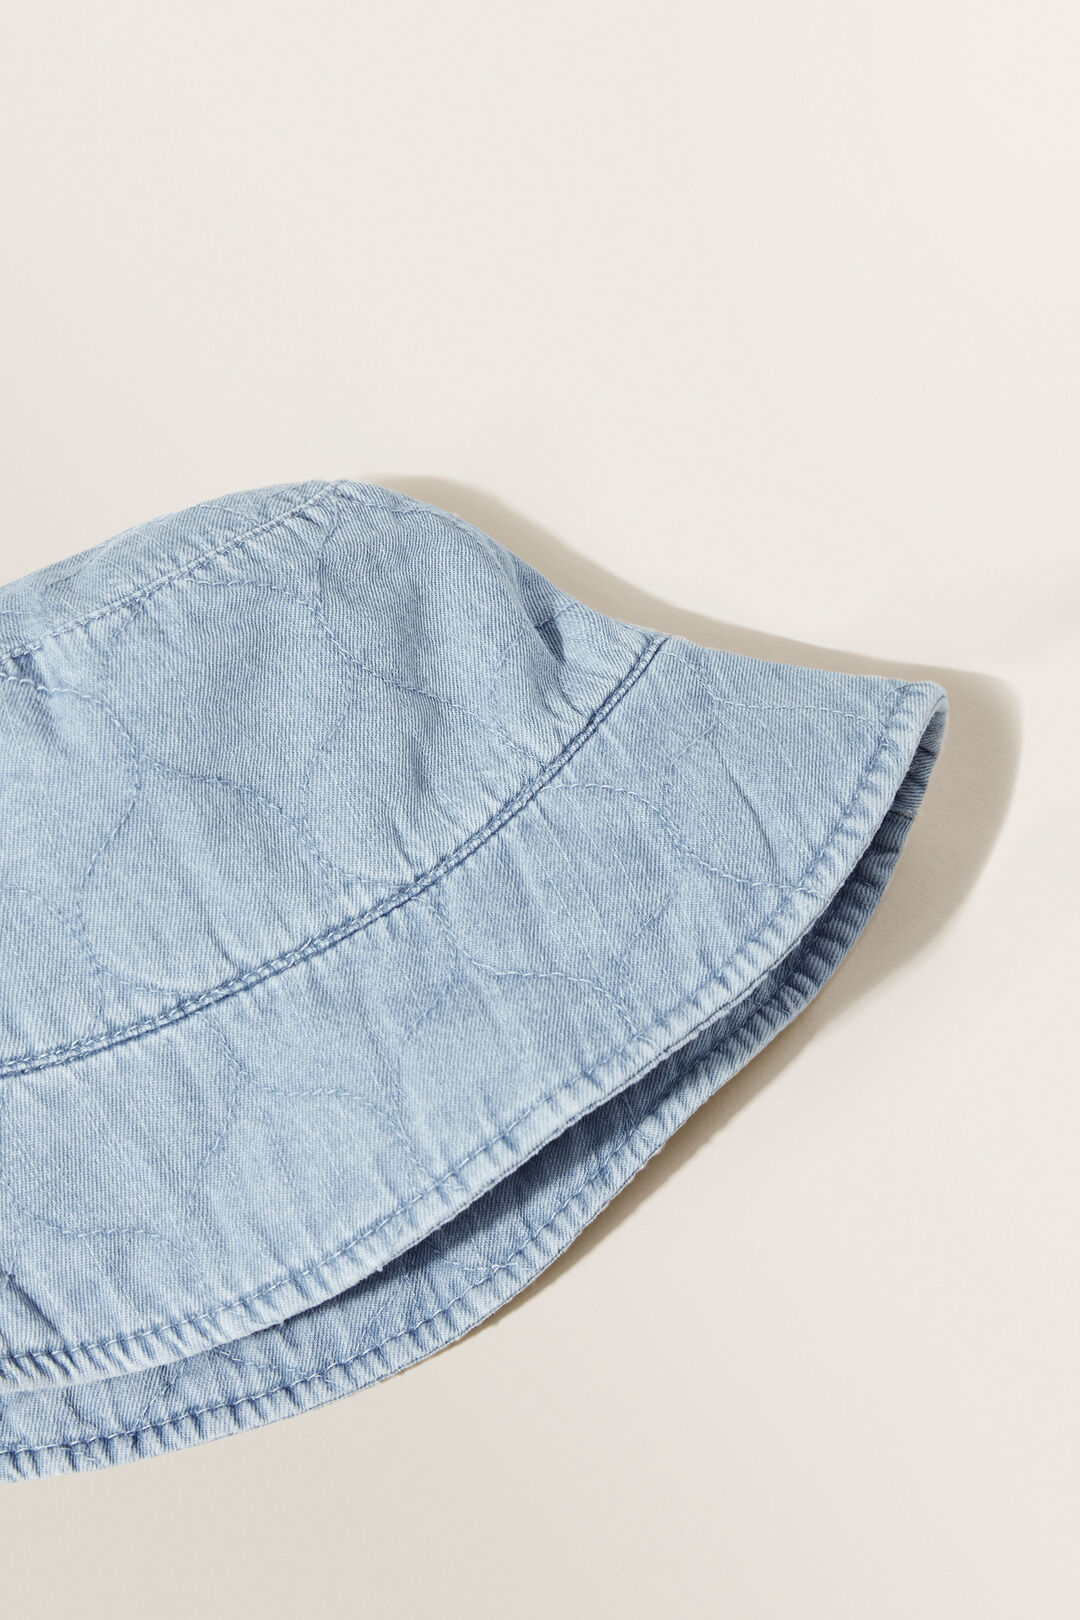 Top Stitch Bucket Hat  DENIM  hi-res